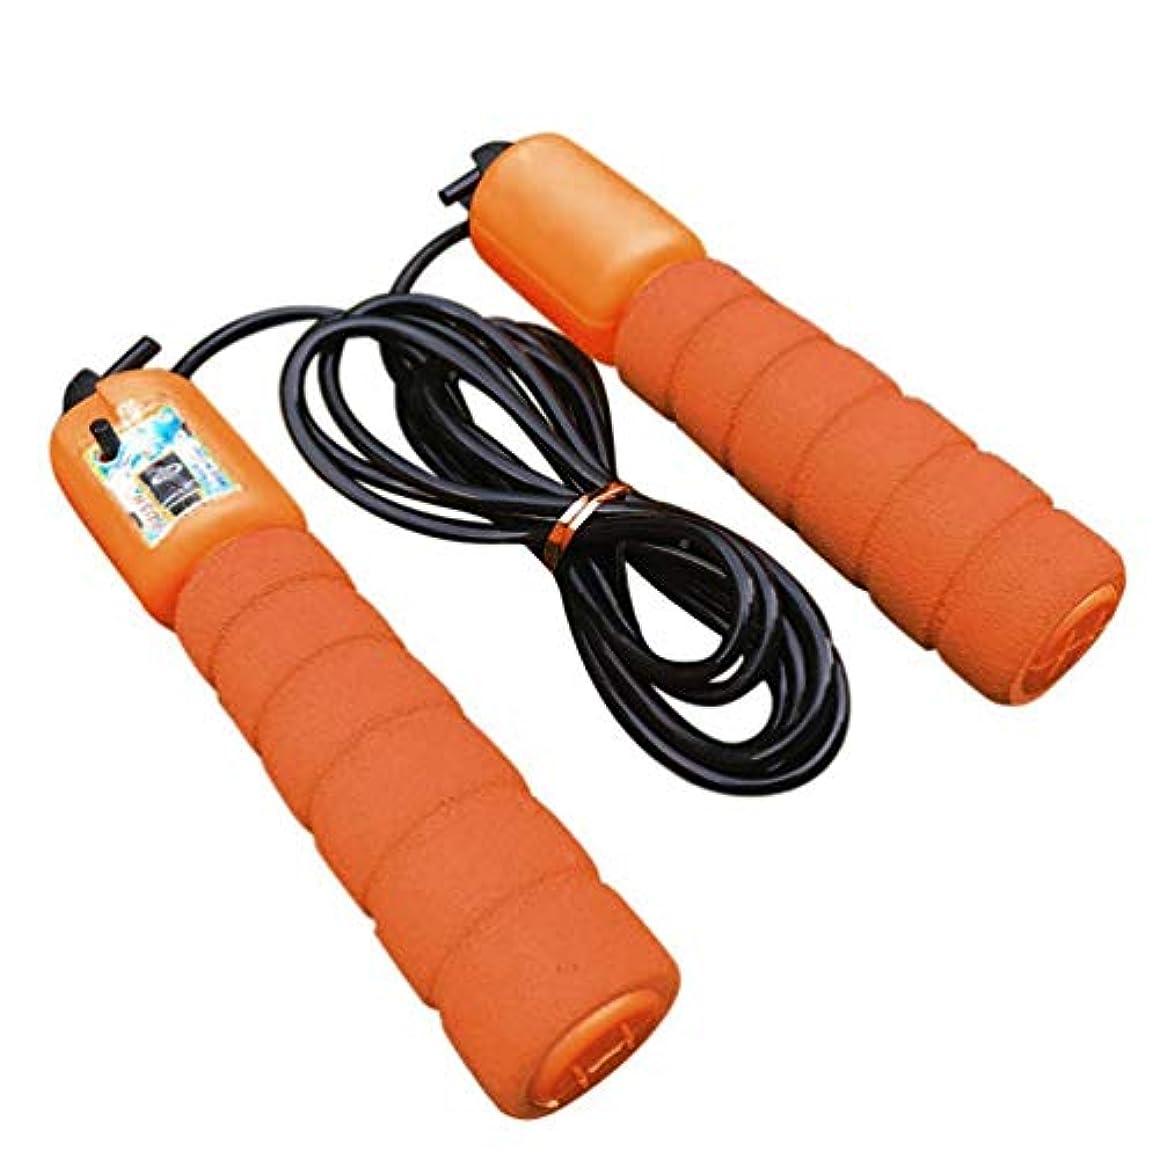 小川ロッドシビック調整可能なプロフェッショナルカウントスキップロープ自動カウントジャンプロープフィットネスエクササイズ高速スピードカウントジャンプロープ-オレンジ